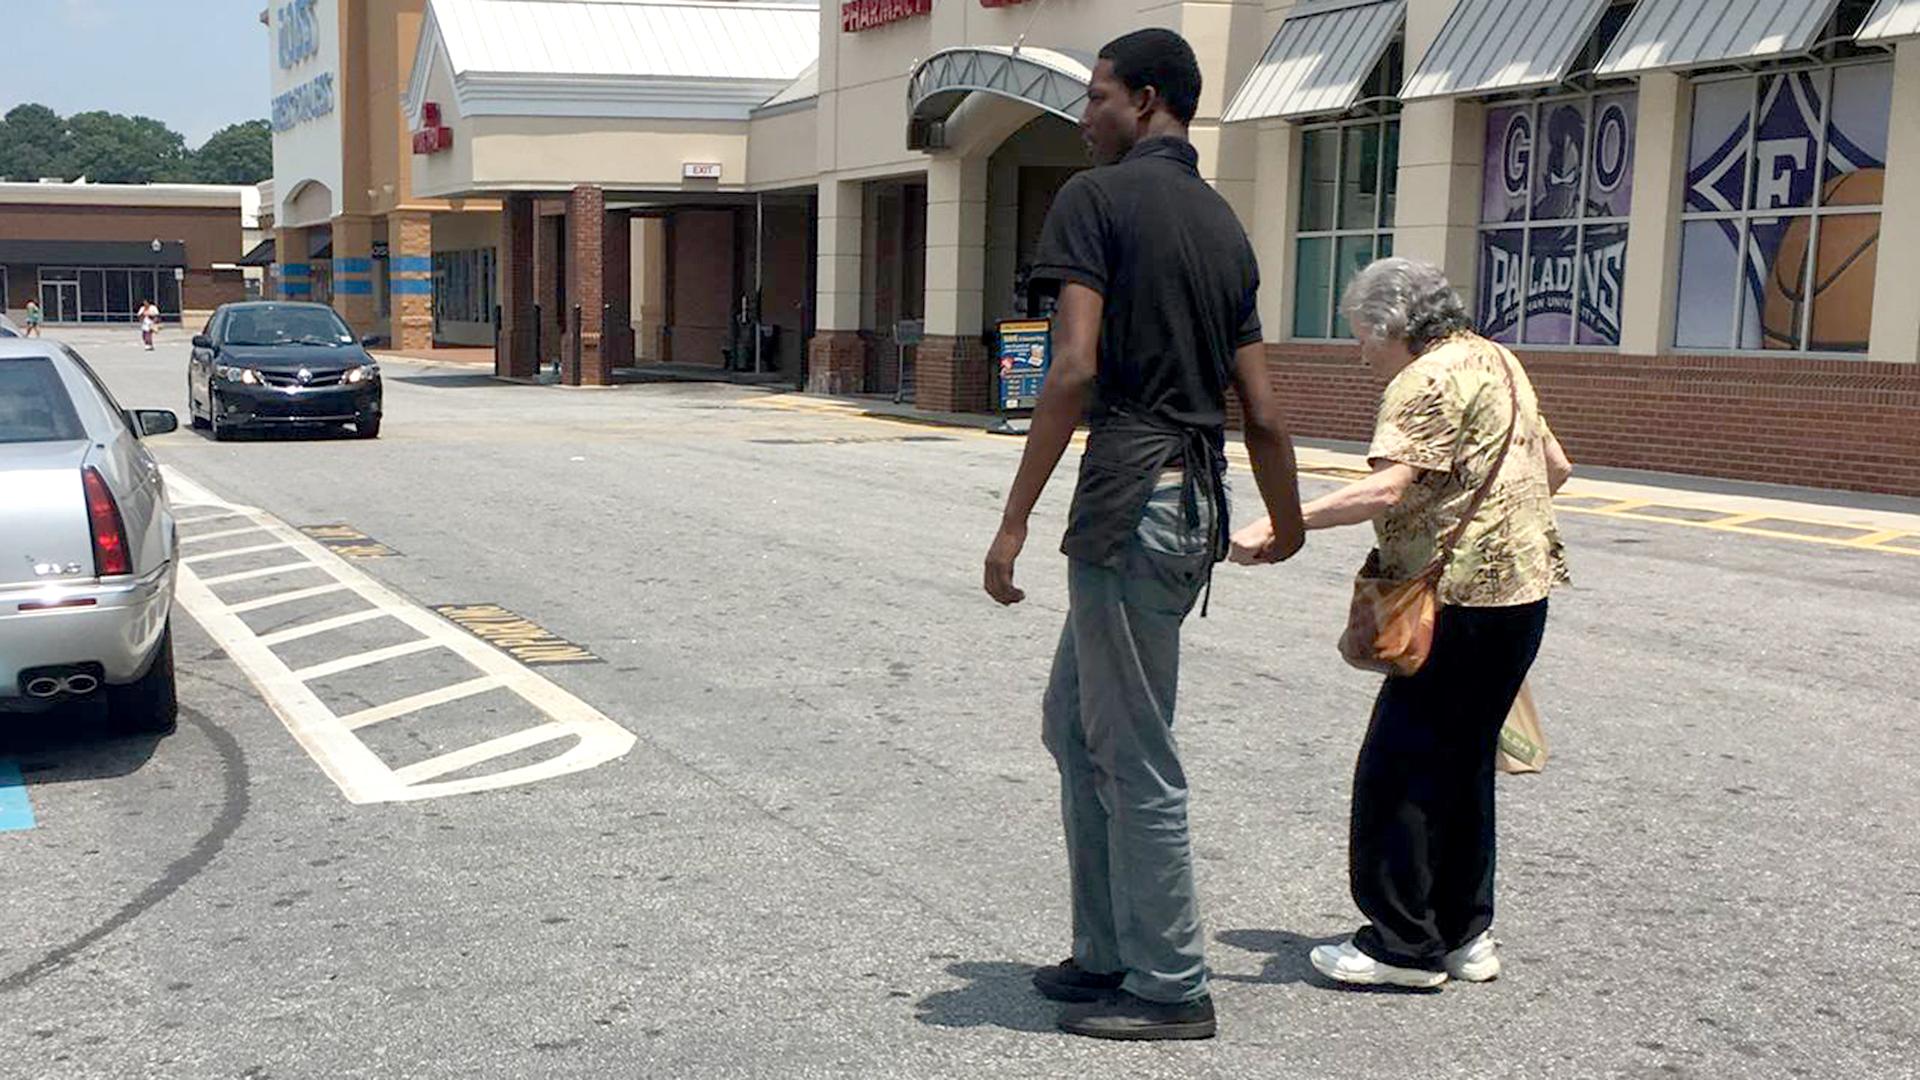 Grocery Store Worker Helps Elderly Woman Walk Across